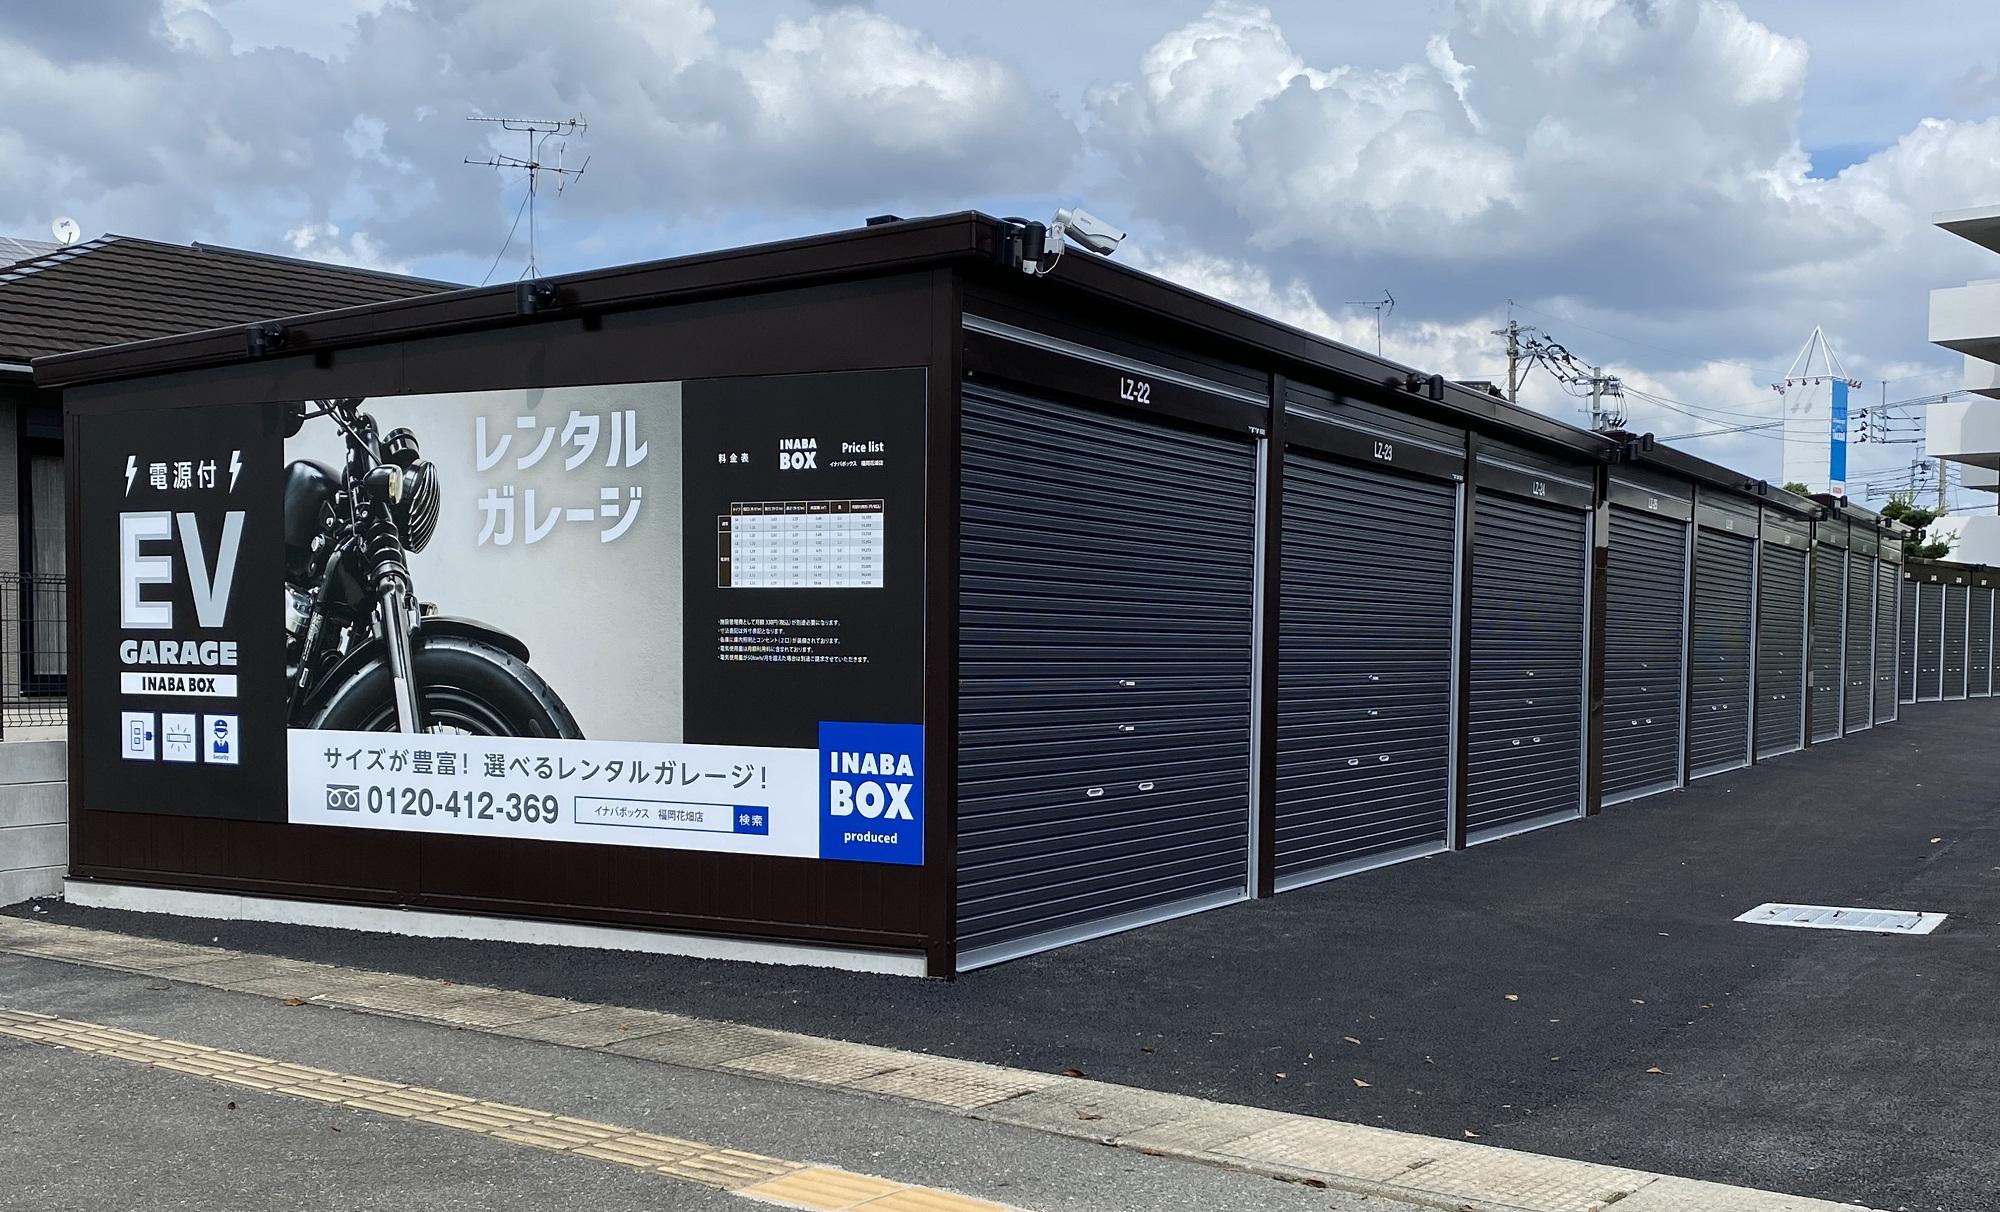 【新規OPEN予定】イナバボックス御笠川店